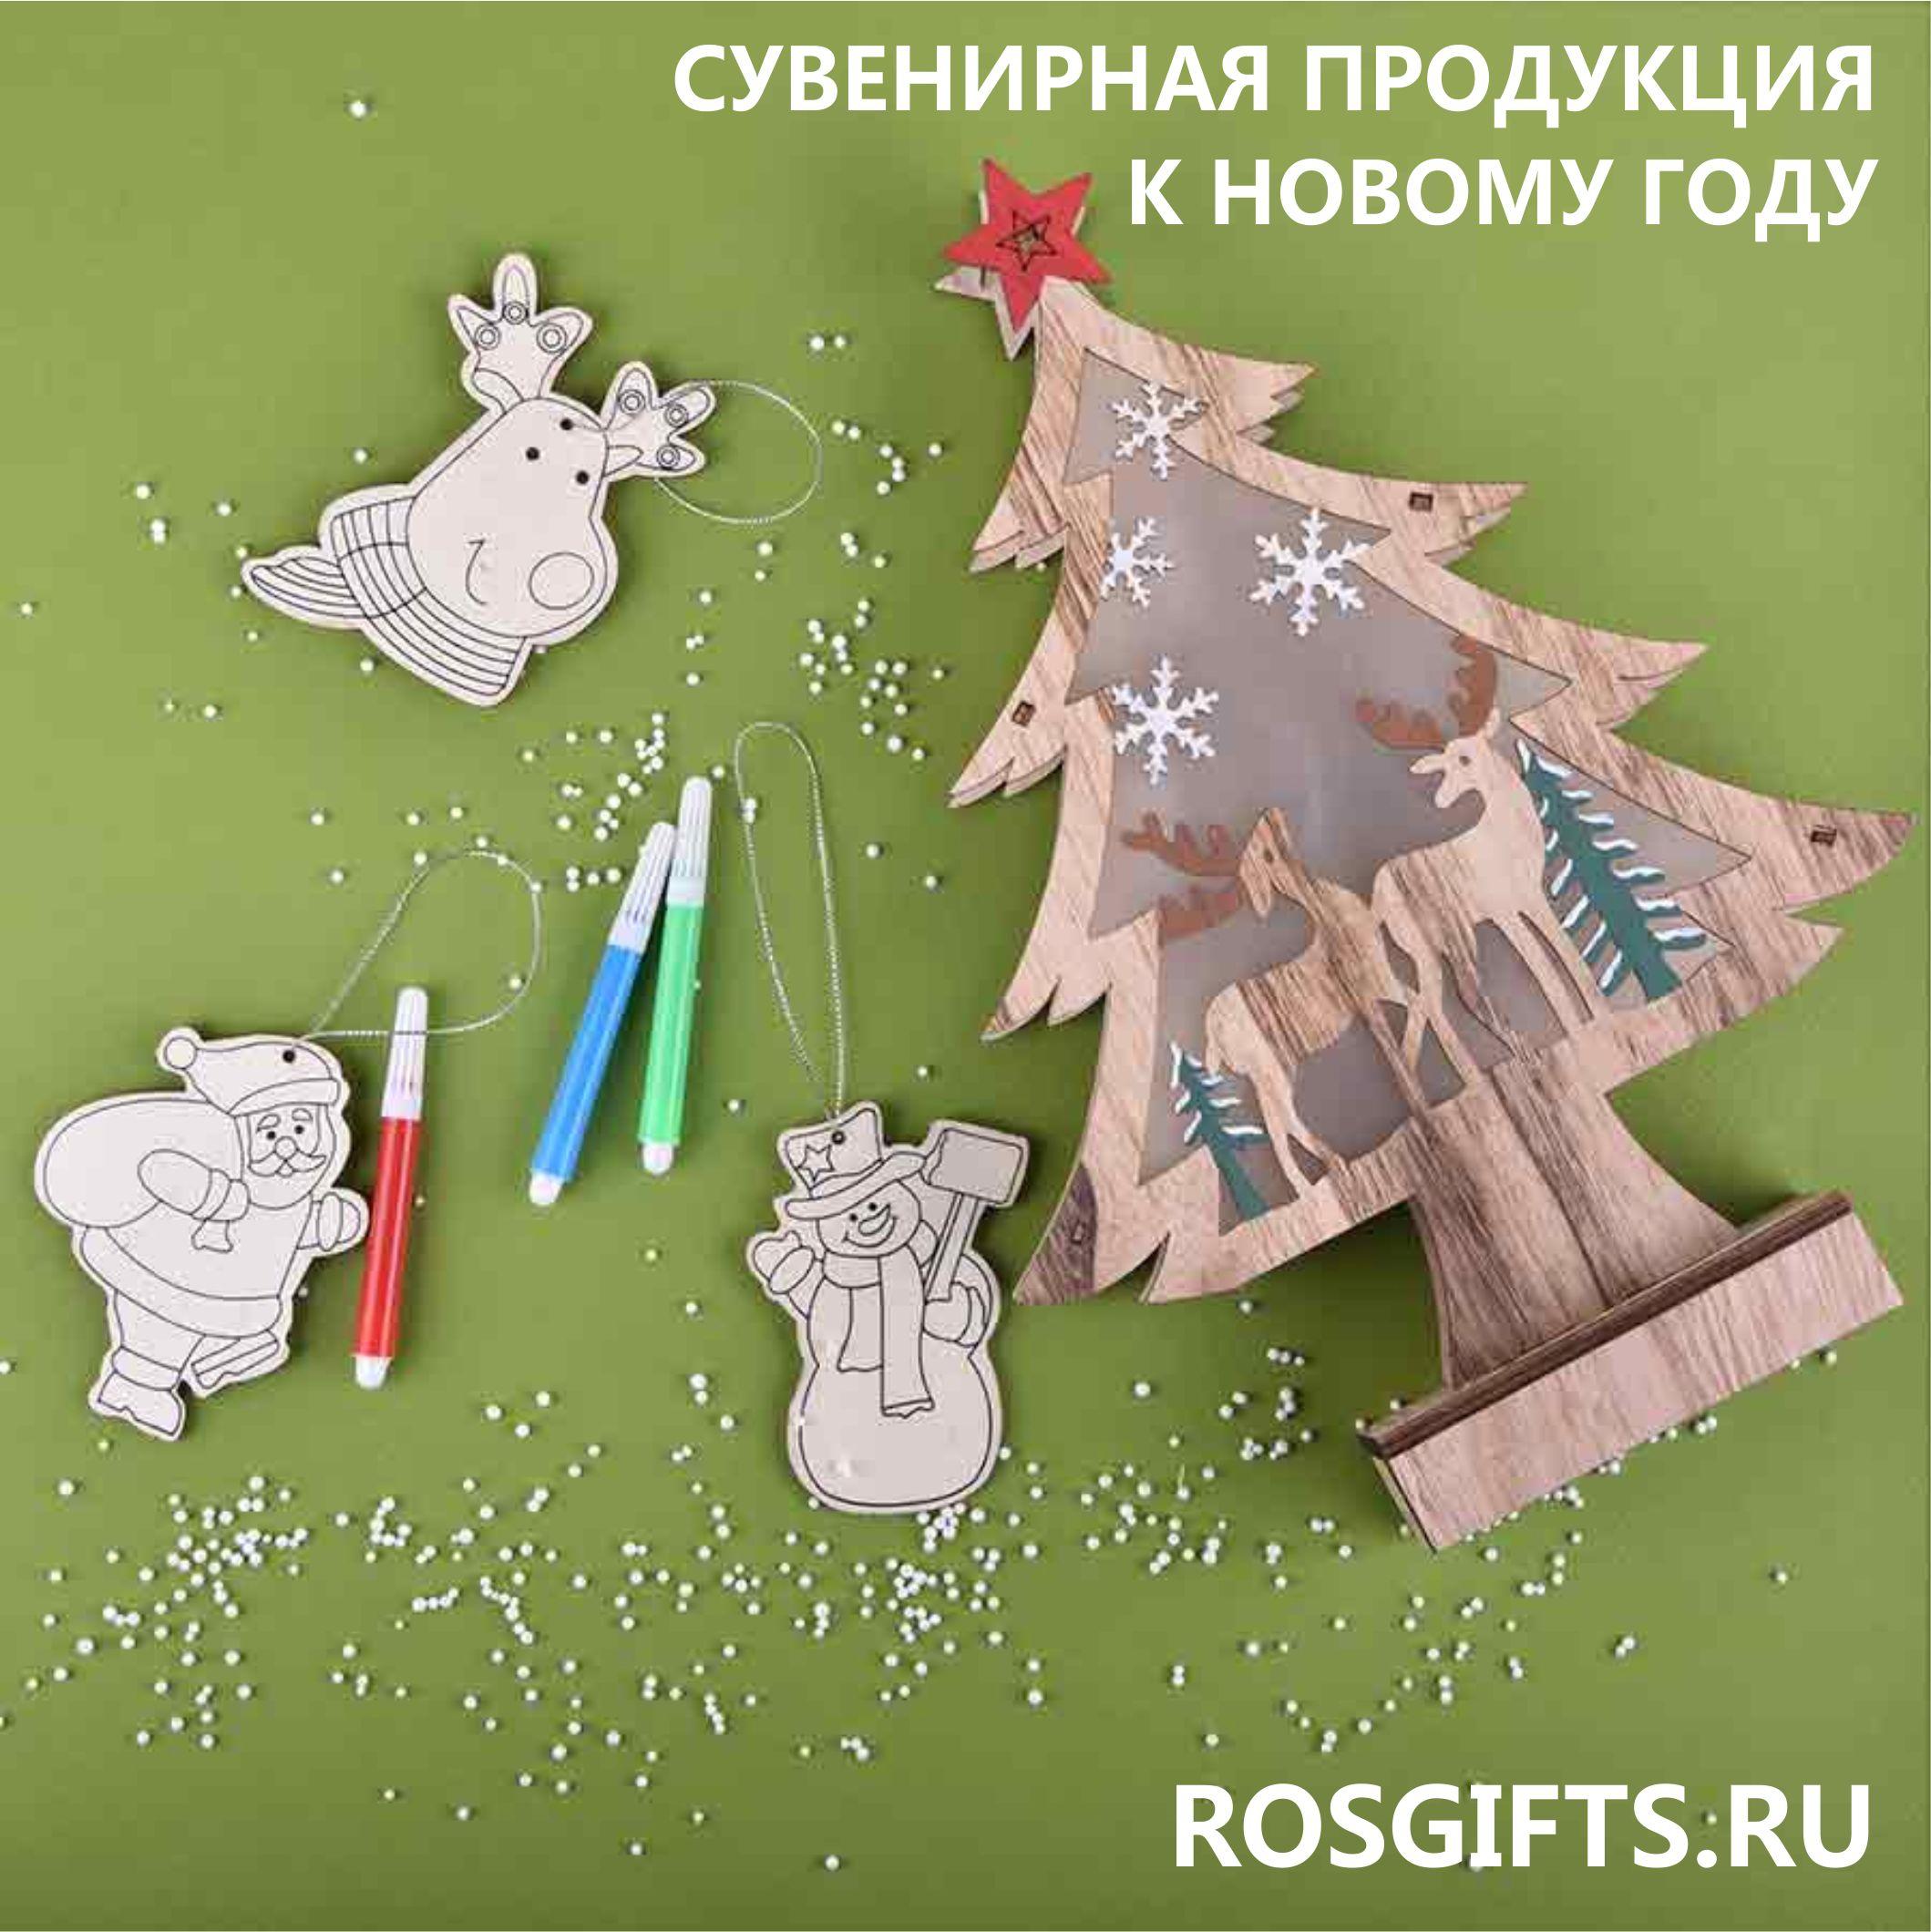 сувенирная продукция к новому году